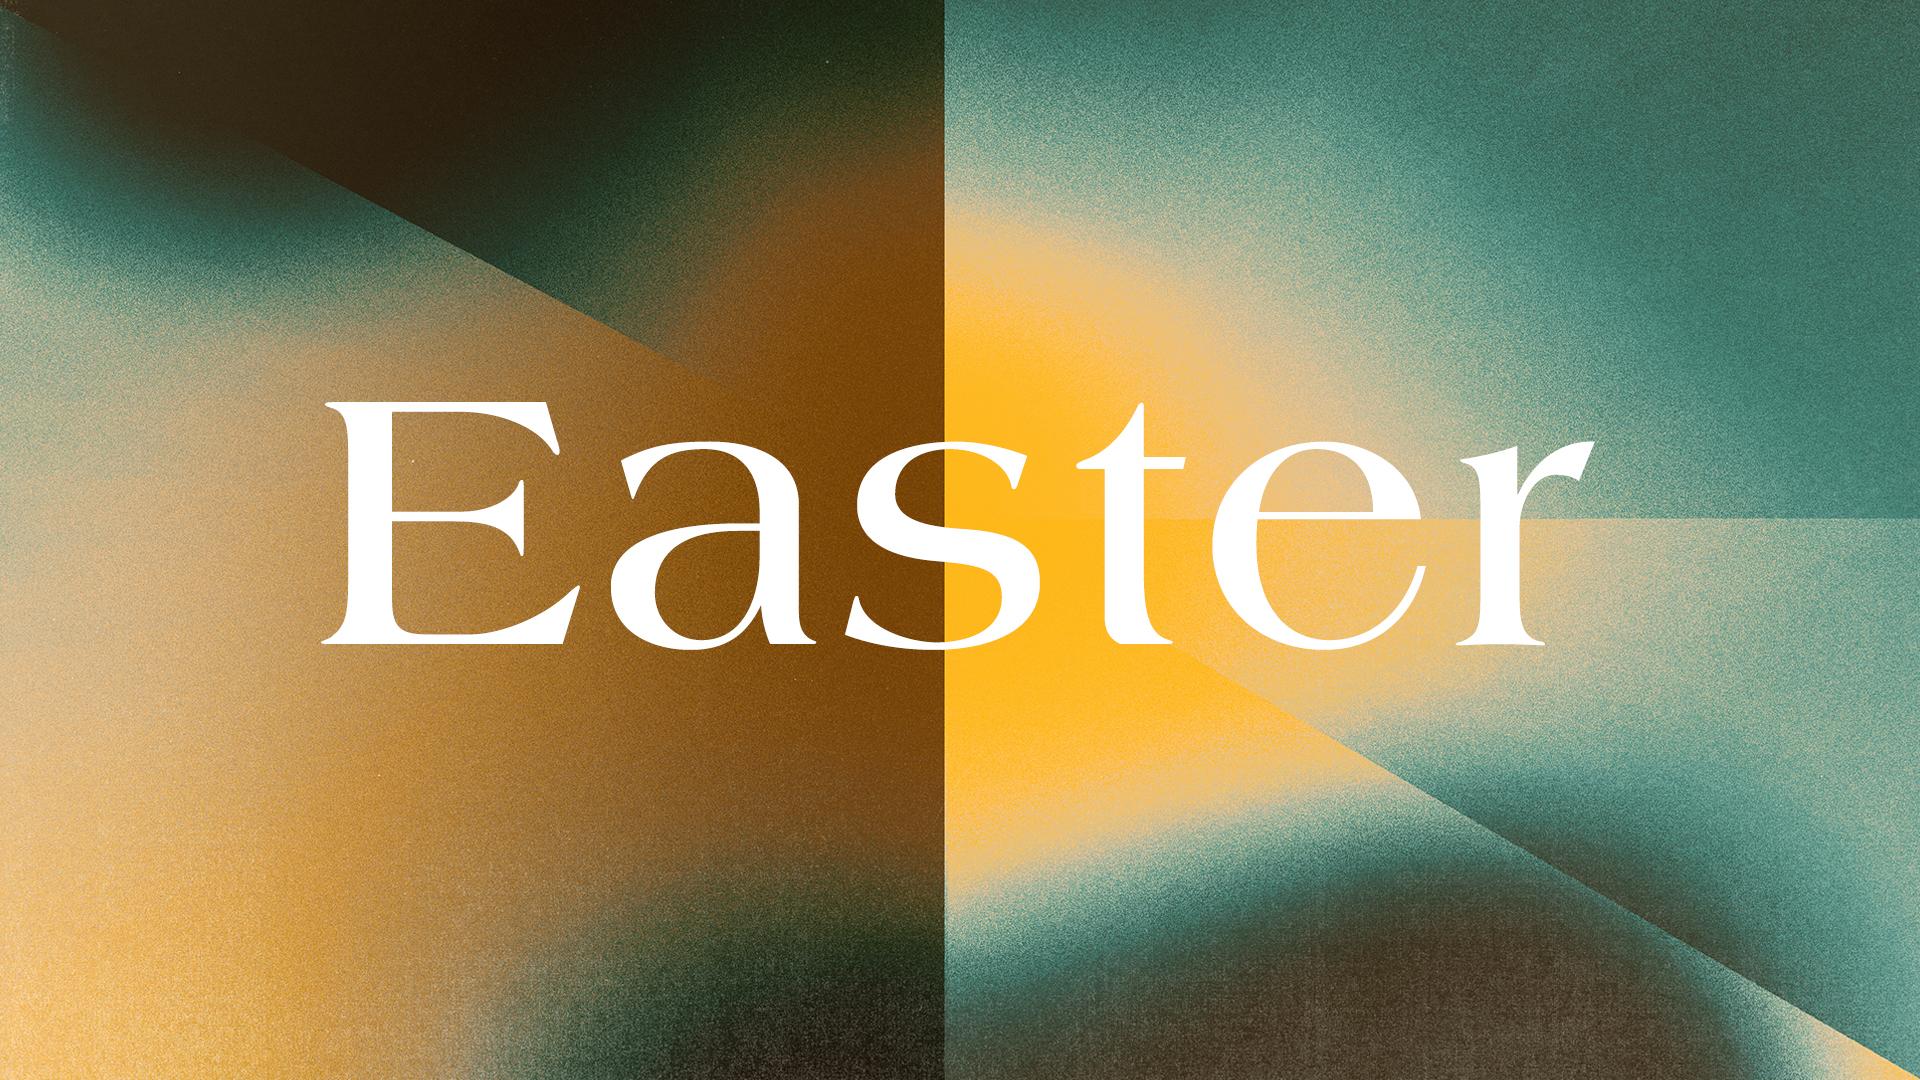 Easter_2019_fullscreen_Hlobby_LEFT.jpg